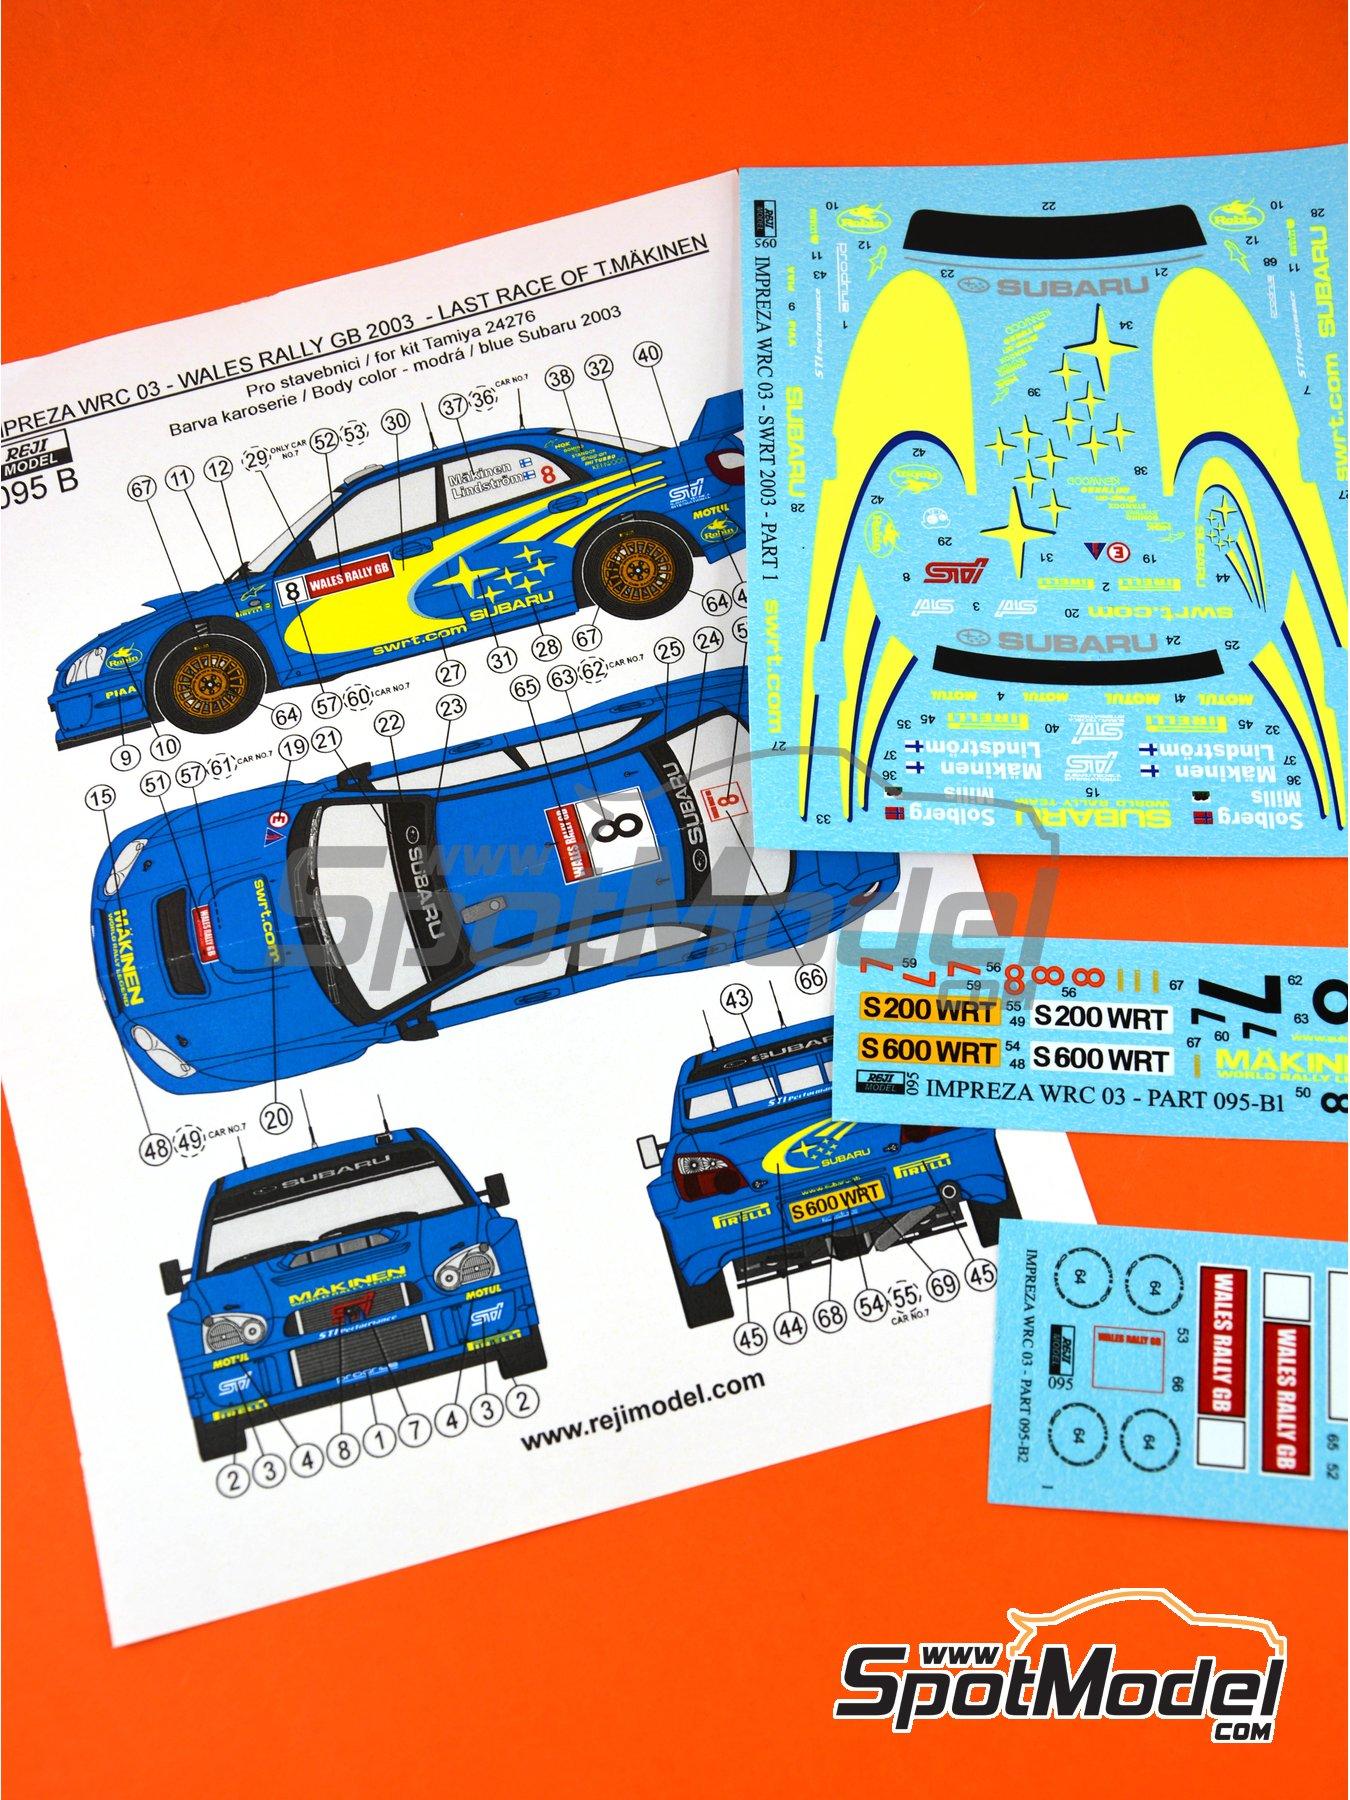 Subaru Impreza WRC - Rally de Gales 2003 | Decoración en escala1/24 fabricado por Reji Model (ref.REJI-095B) image